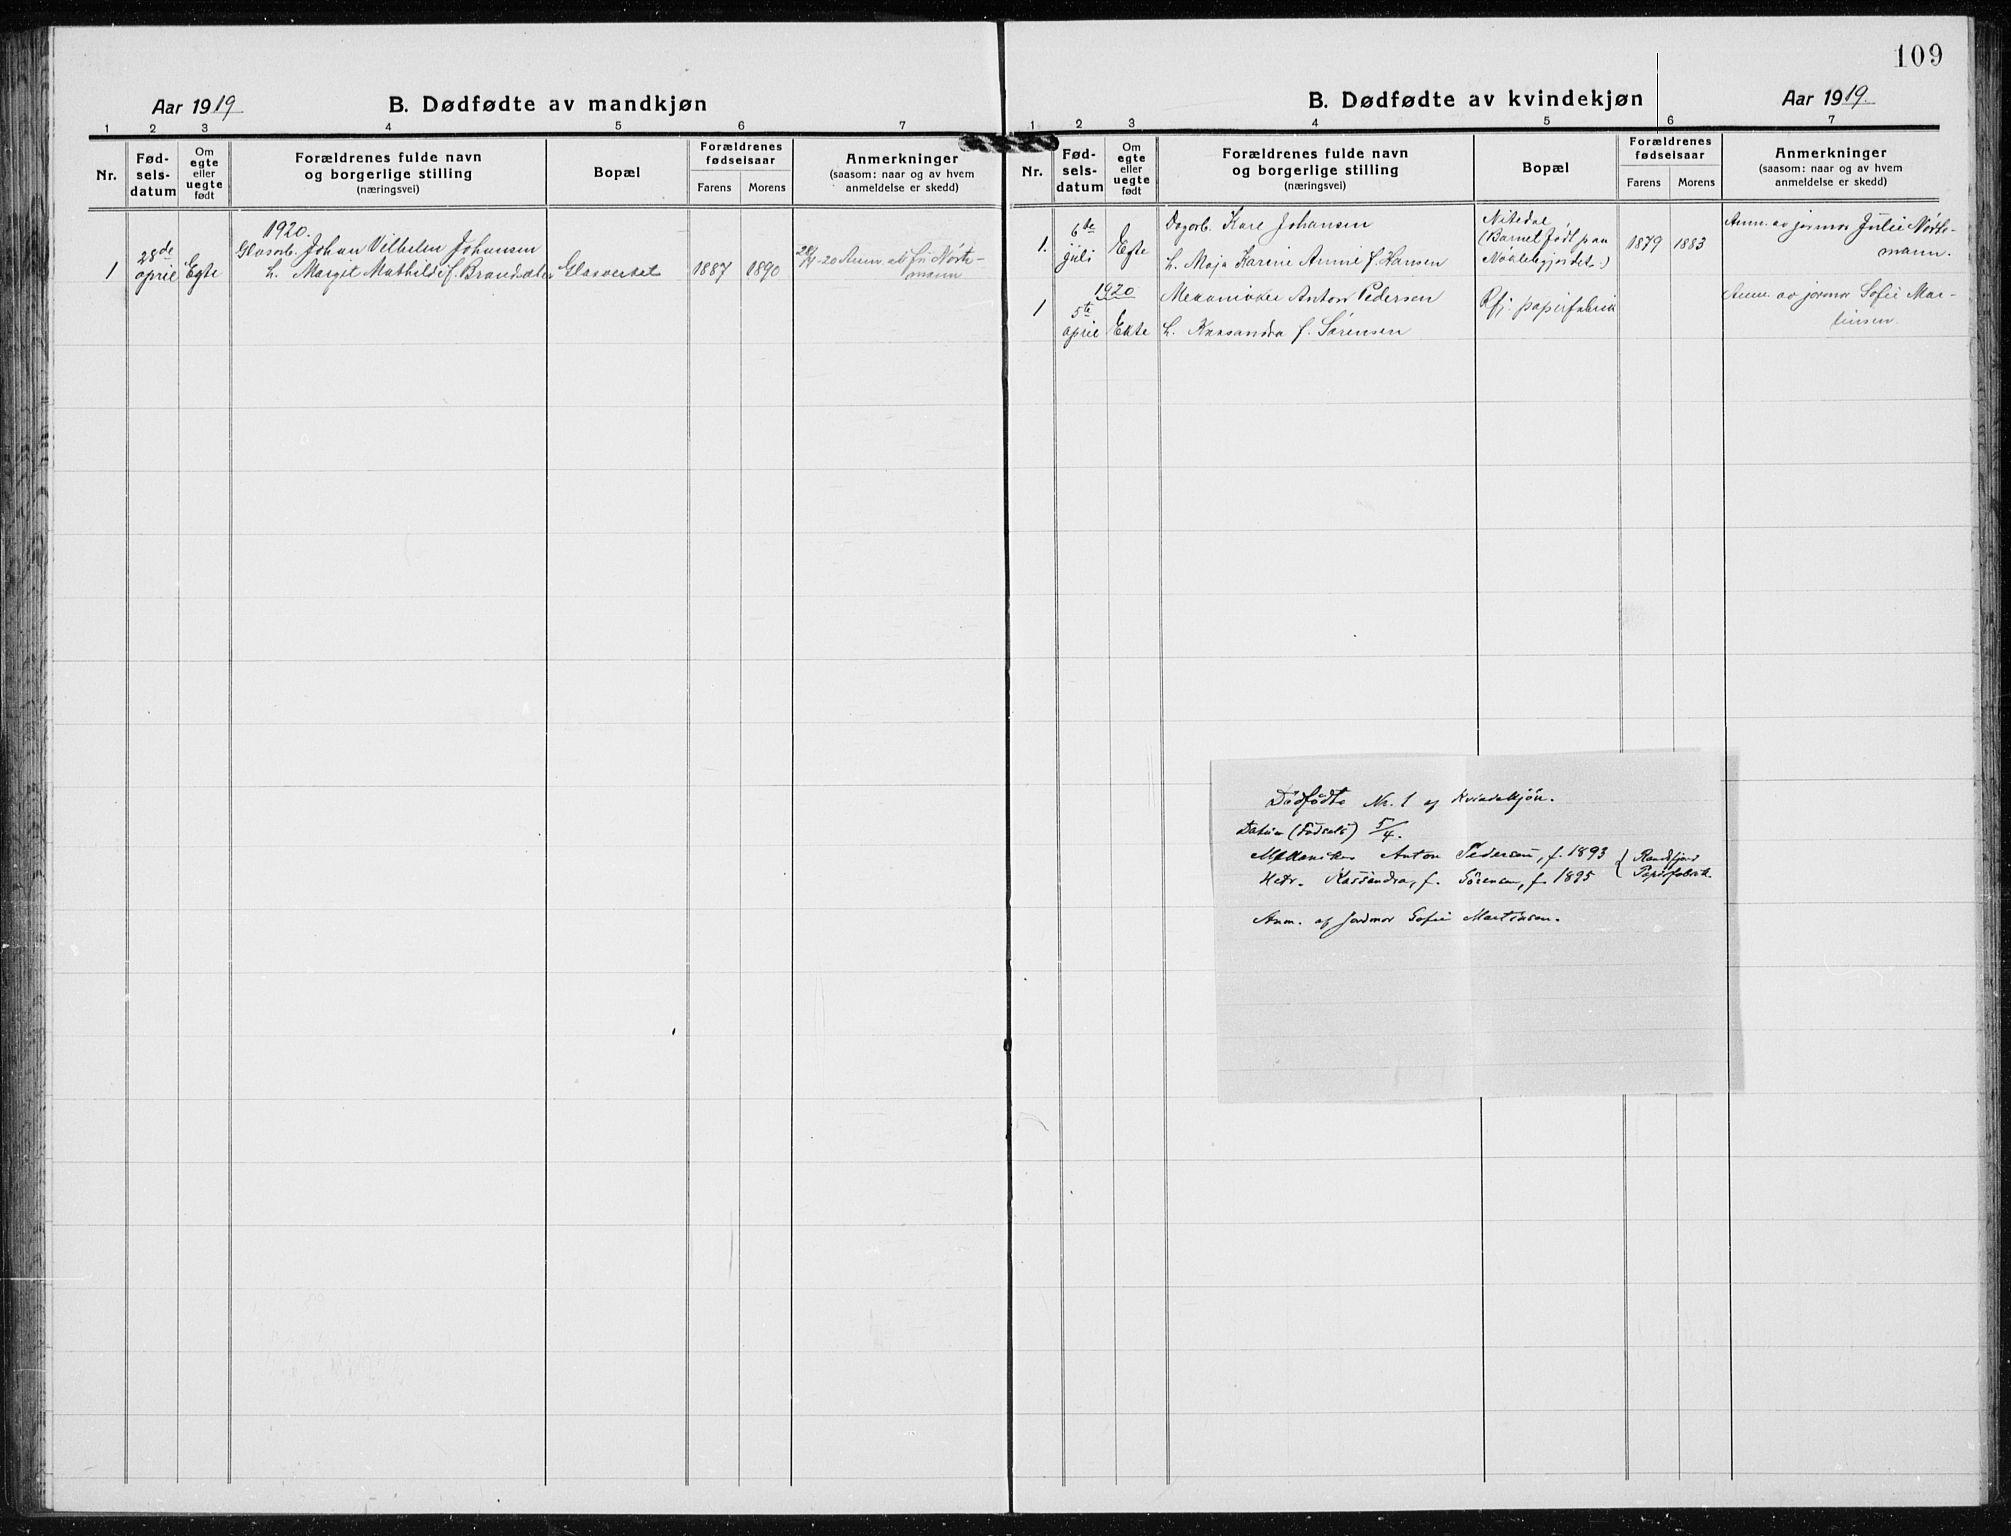 SAH, Jevnaker prestekontor, Klokkerbok nr. 5, 1919-1934, s. 109